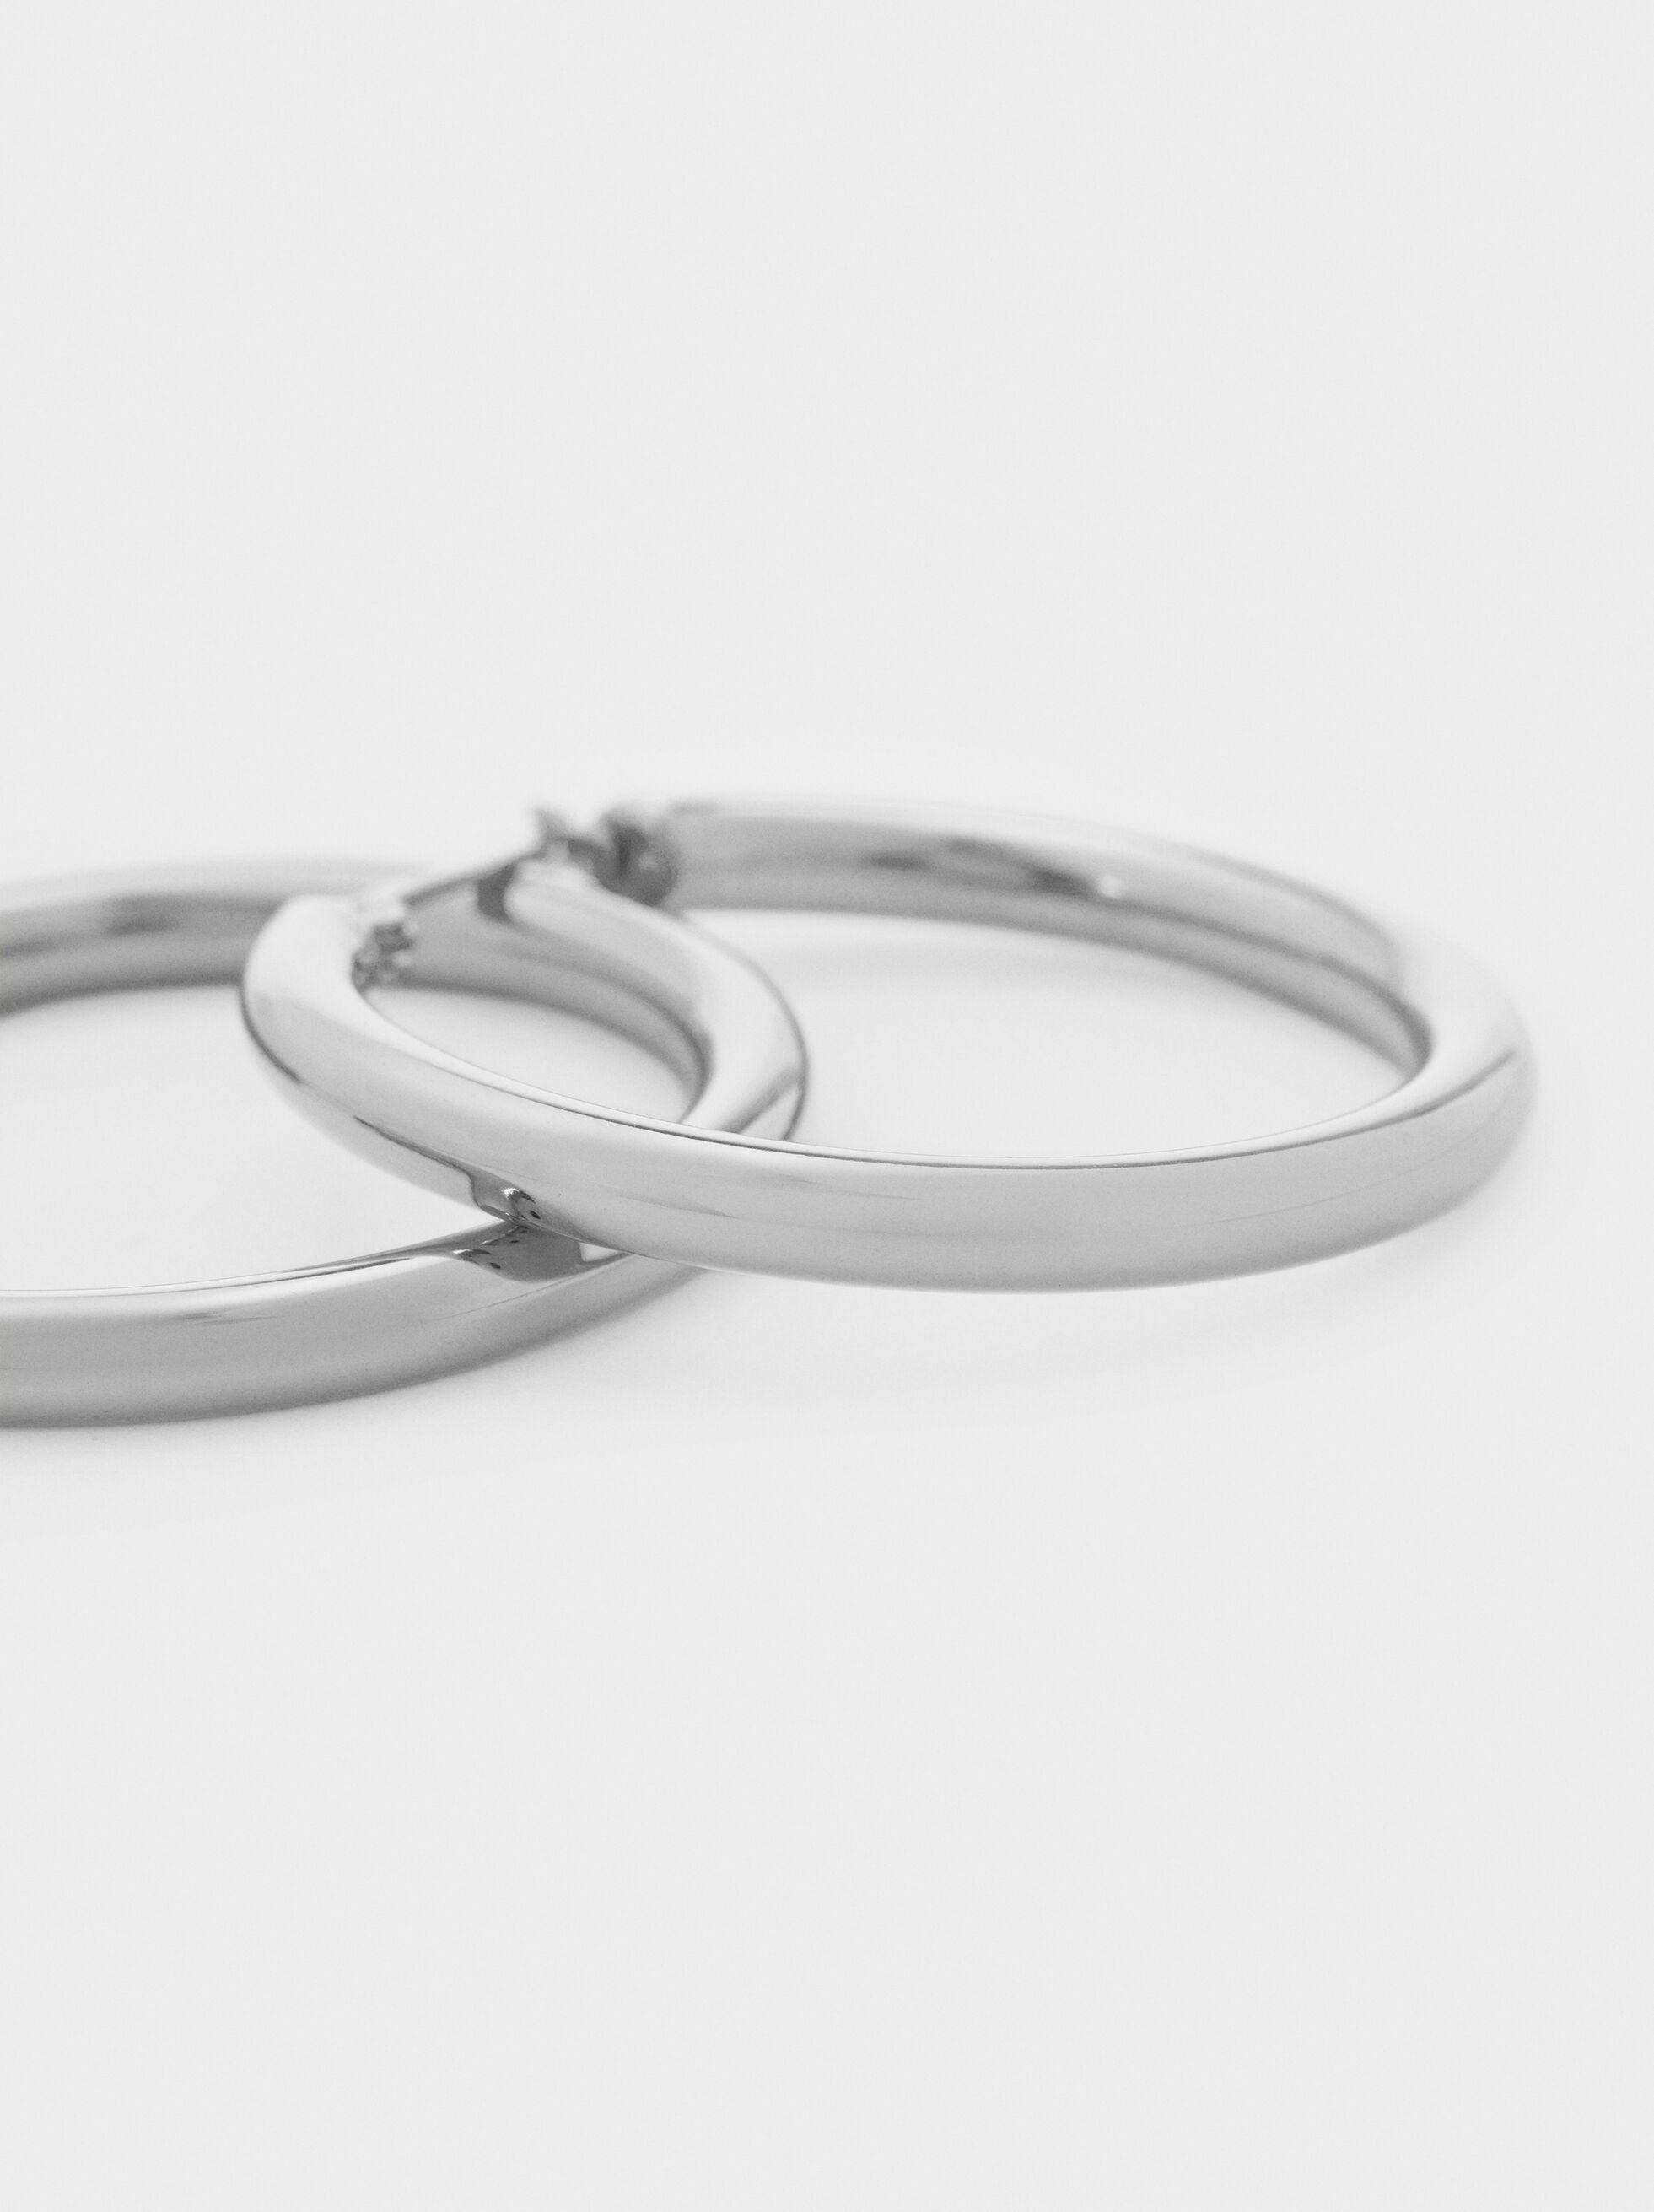 Medium Steel Hoop Earrings, Silver, hi-res